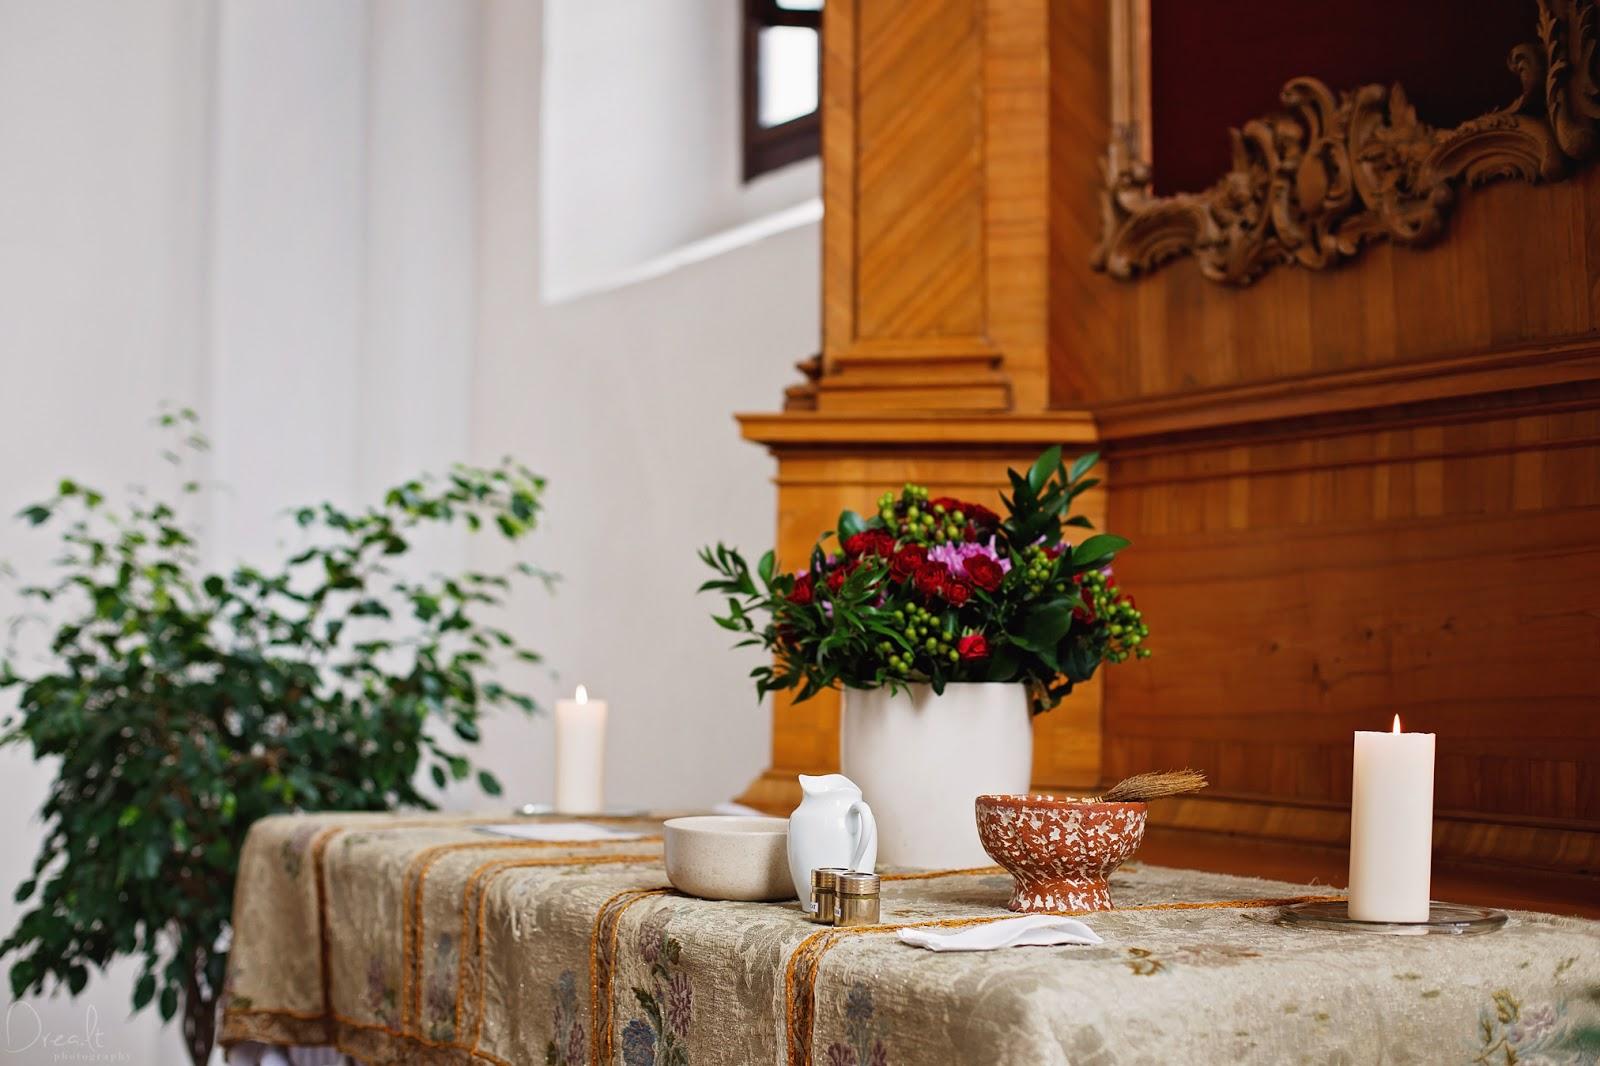 Krikštynų ceremonija Bernardinų bažnyčioje